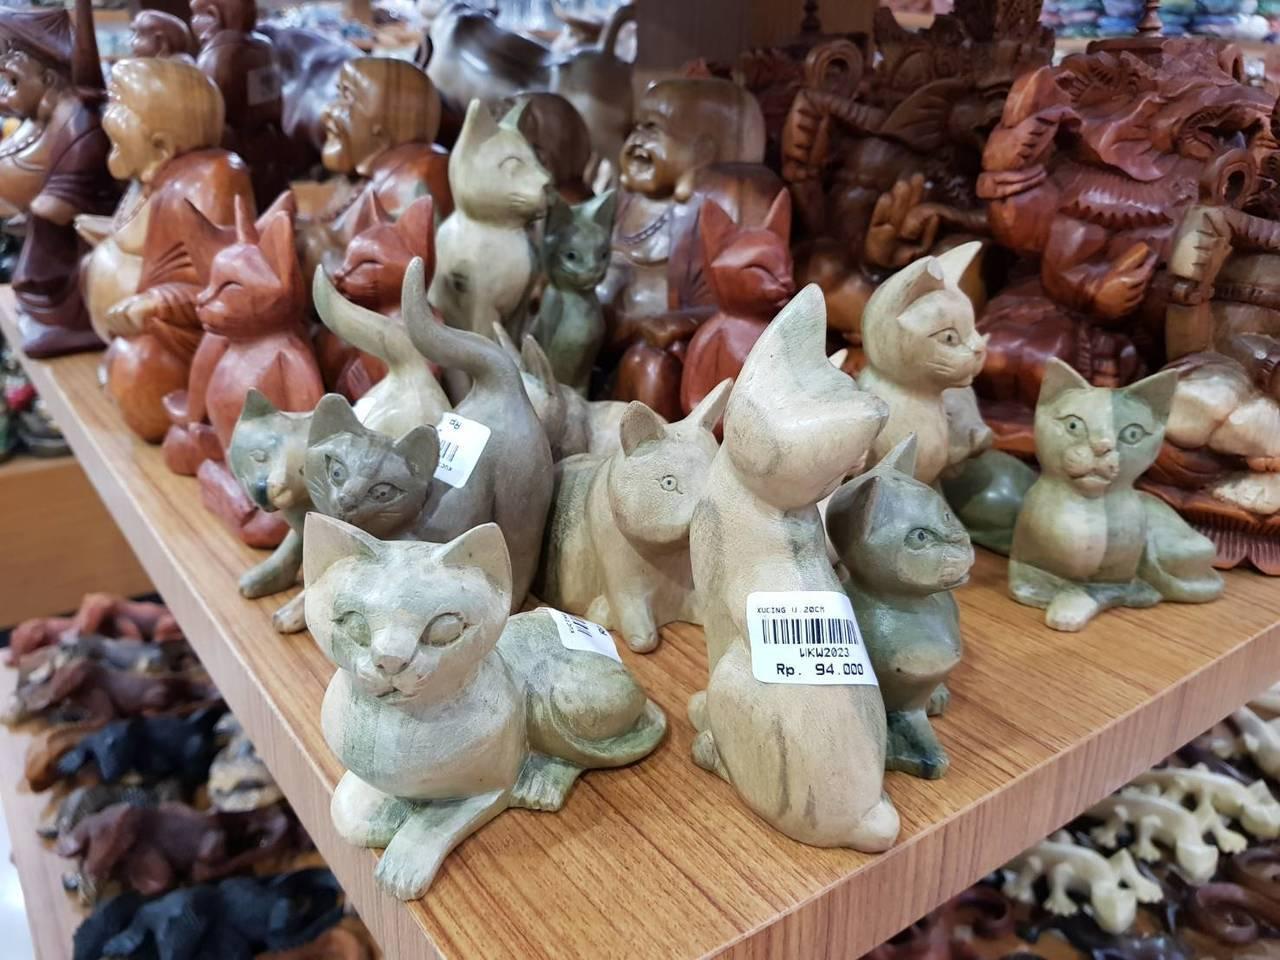 模樣可愛的木雕,也是許多人愛買的峇里島紀念品。記者陳睿中/攝影